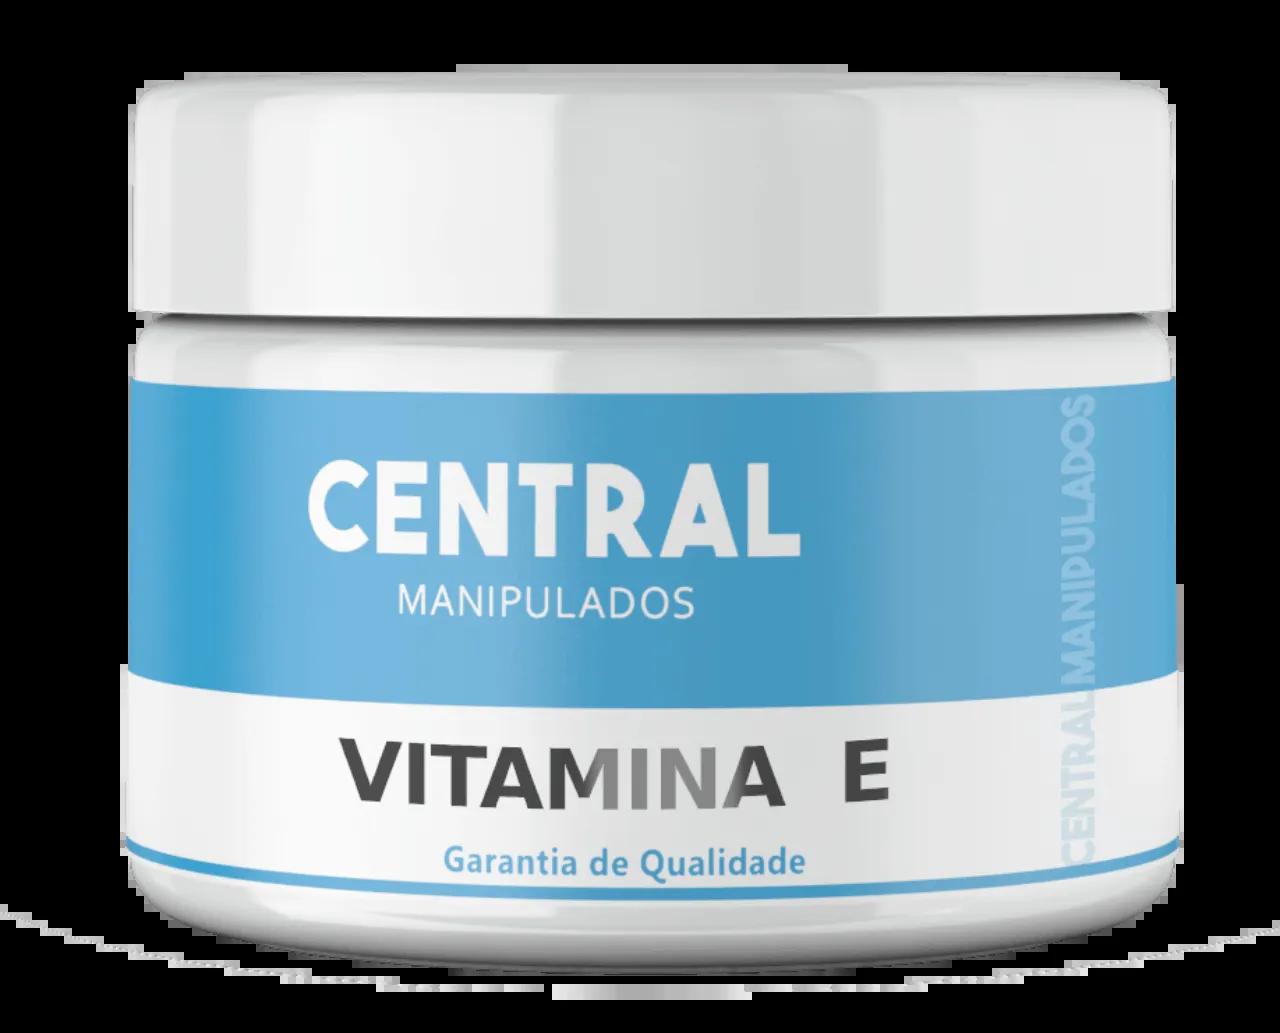 Vitamina E 2% Creme 100g Antioxidante